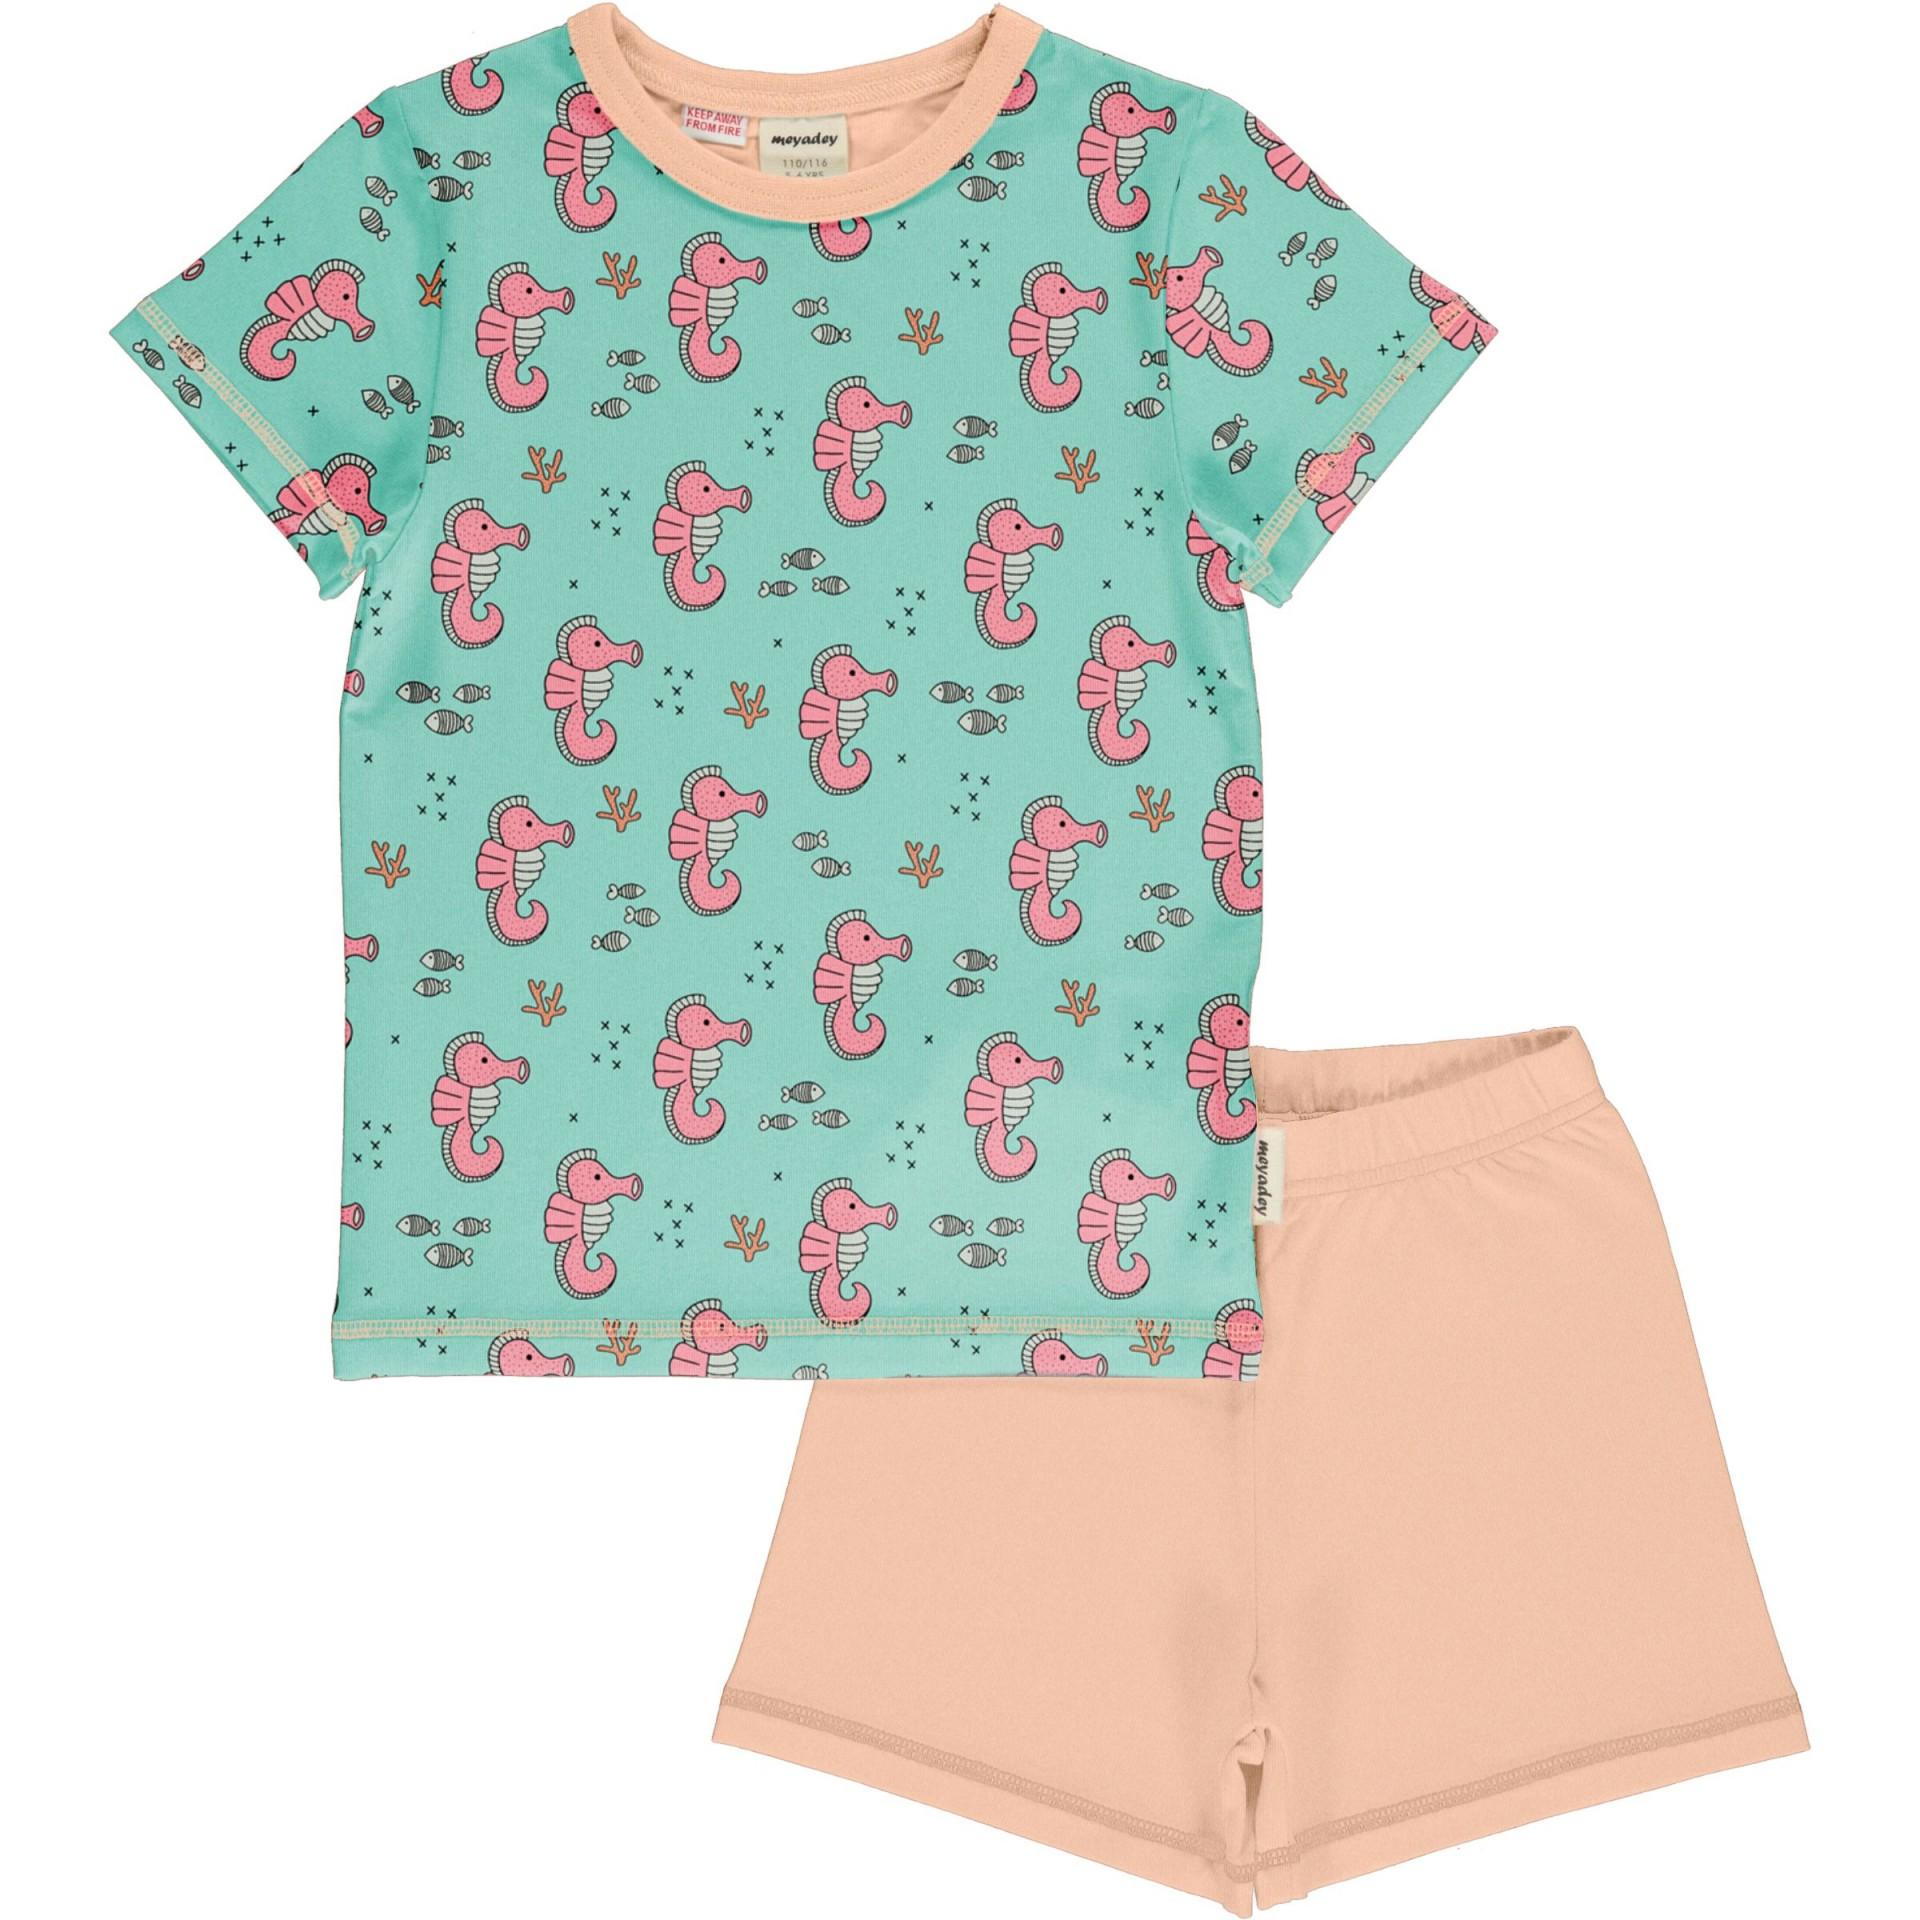 Pijama SEA HORSES Meyaday (Tamanhos disponíveis 9-12m, 18-24m, 3-4a, 5-6a, 7-8a, 9-10a)